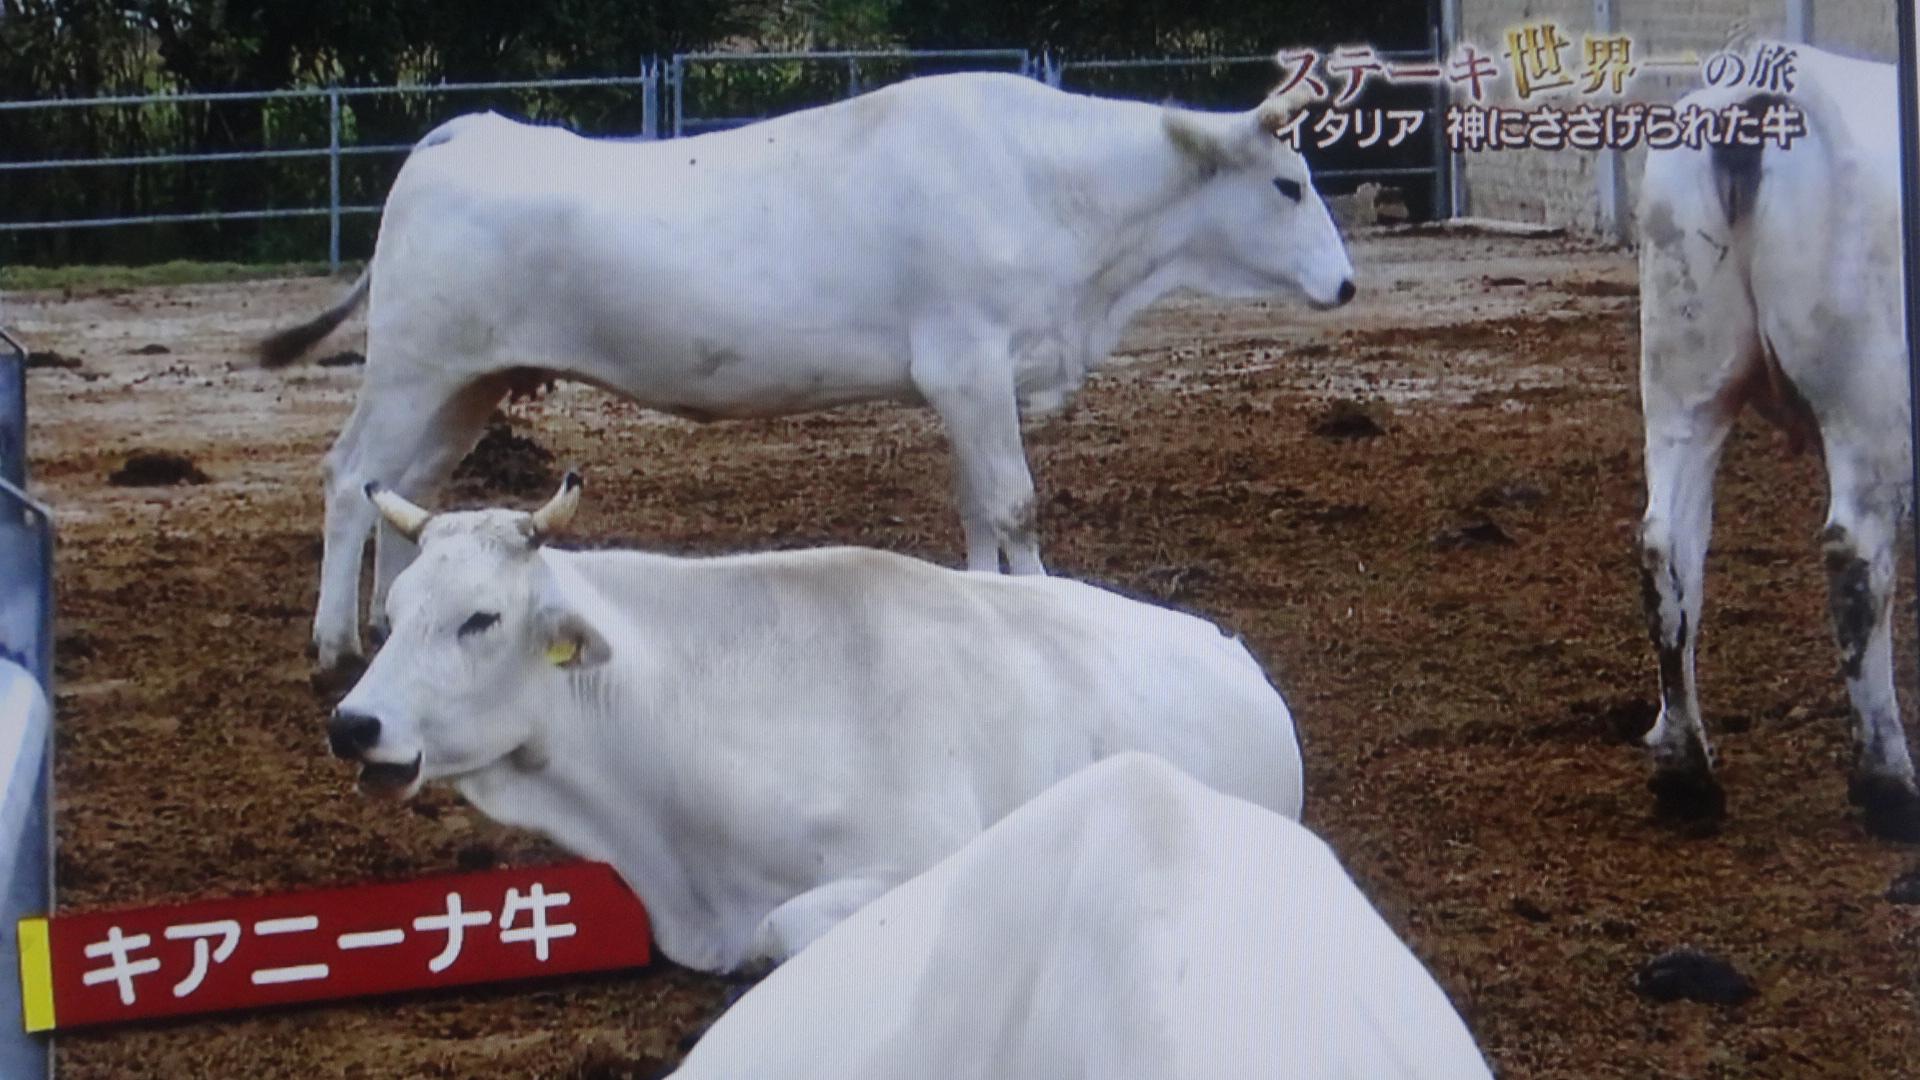 白い純血種のキアニーナ牛の姿